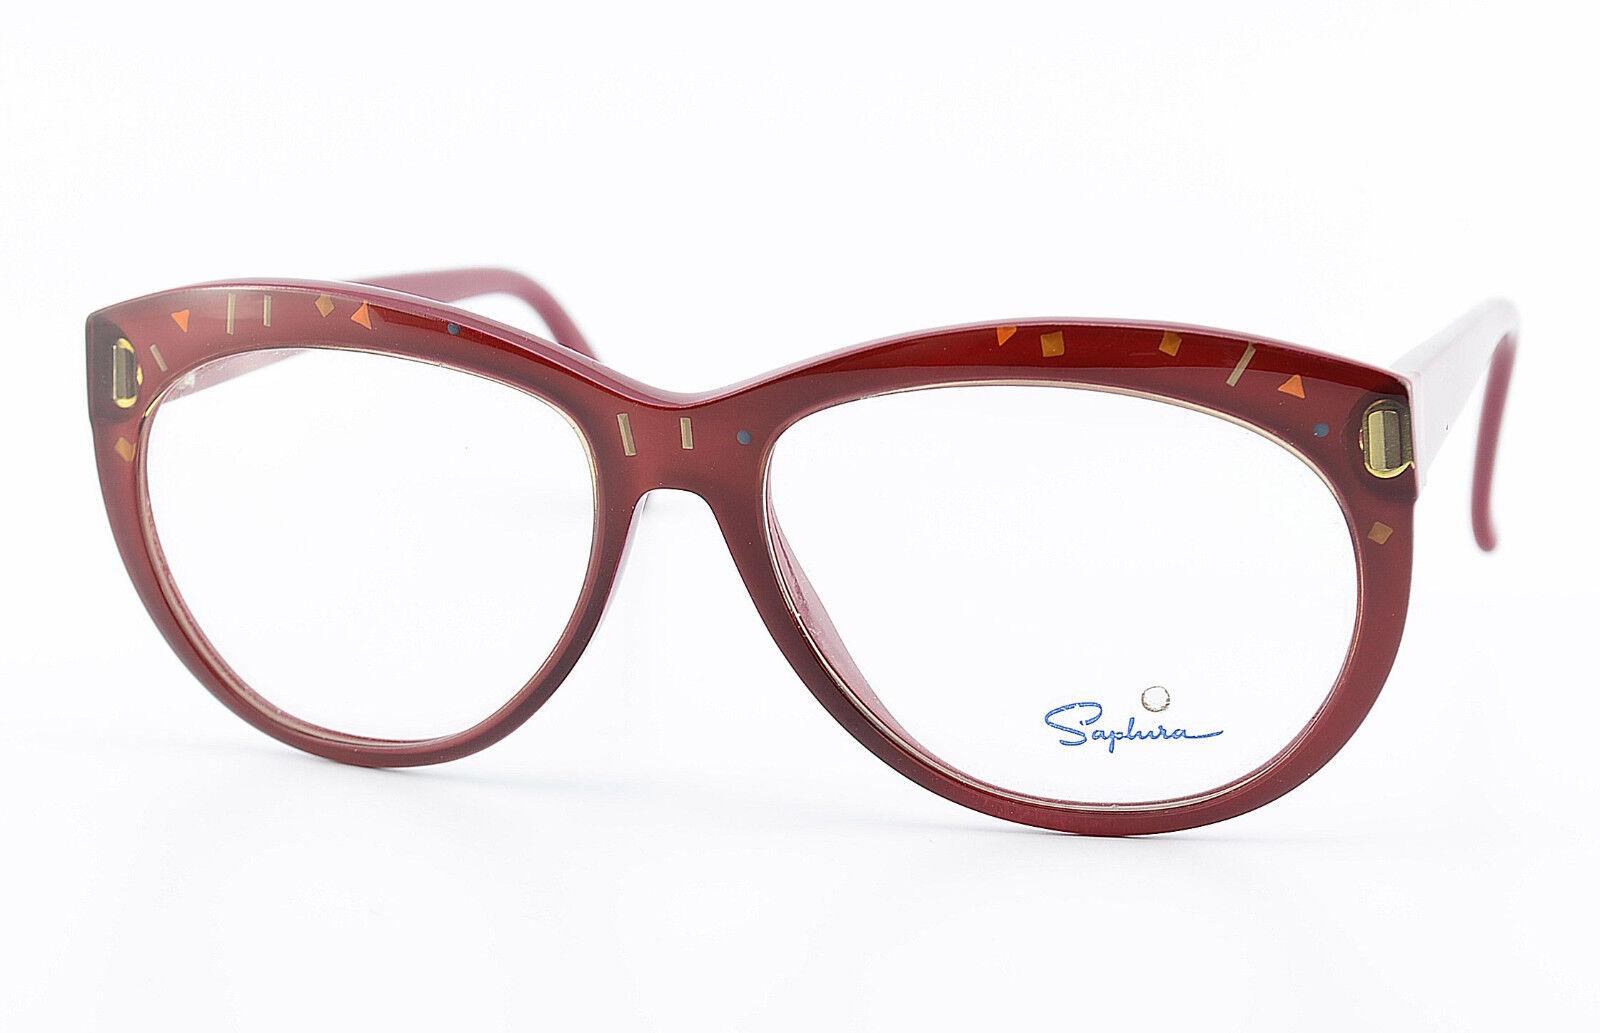 SAPHIRA Brille Mod. 4152 30 5415 130 Optyl Eyeglasses Frame 80s NOS Woman | Elegante Und Stabile Verpackung  | Louis, ausführlich  | Erlesene Materialien  | Deutschland München